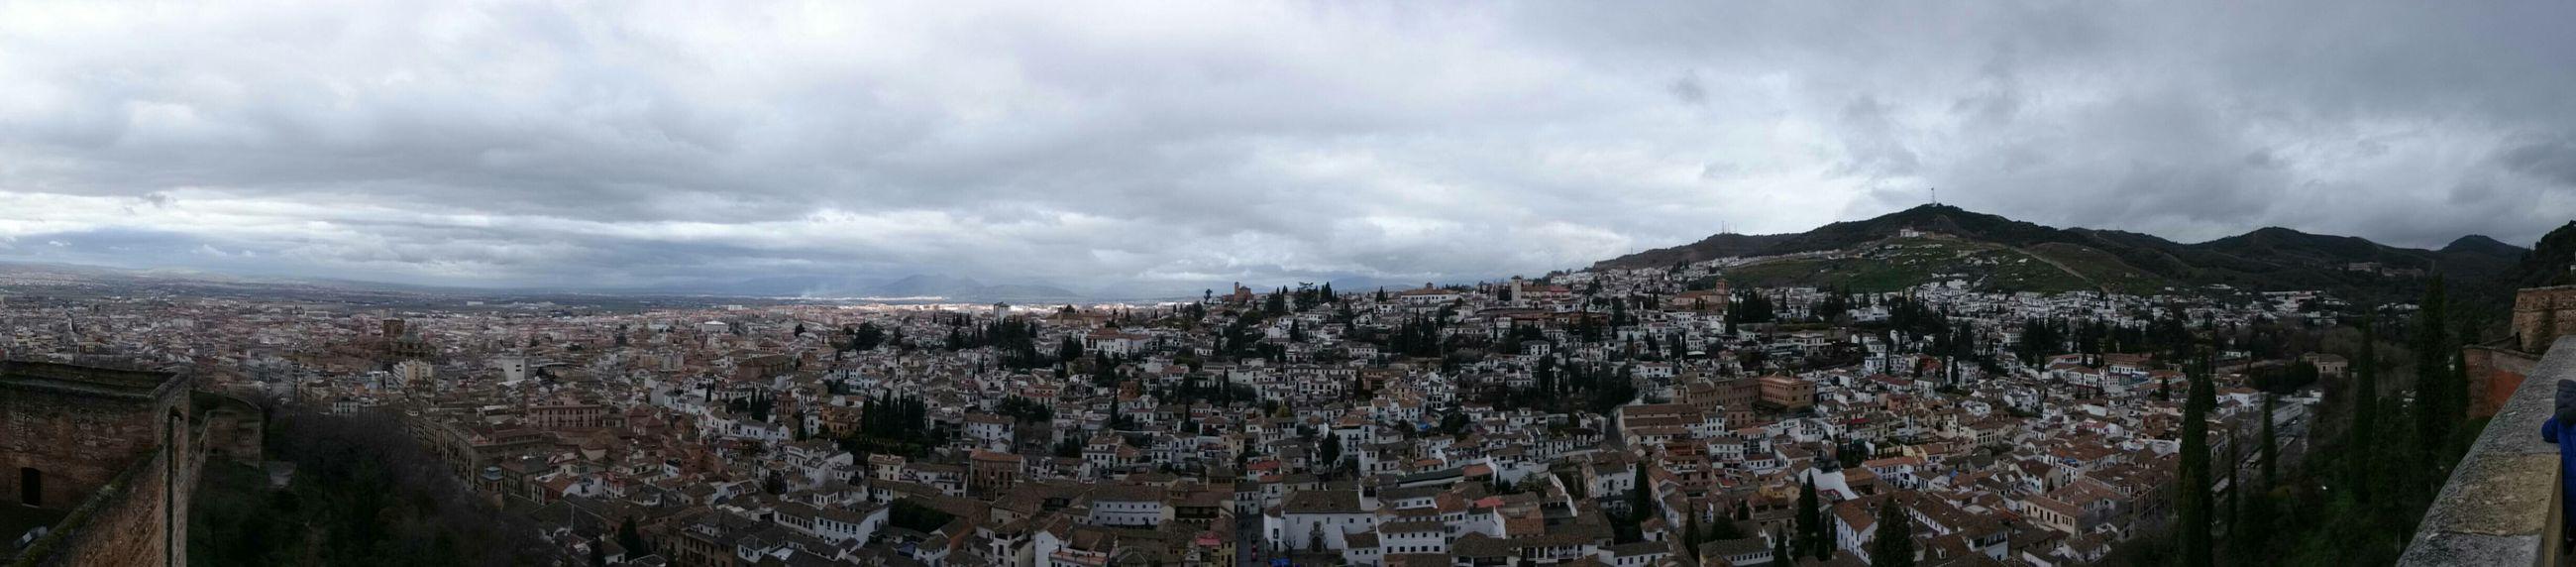 Panorámica de Granada desde la Alhambra AmoViajar Amo La Buena Vida Streamzoofamily Somosfelices Disfrutando De La Vida Noedit Panorámica